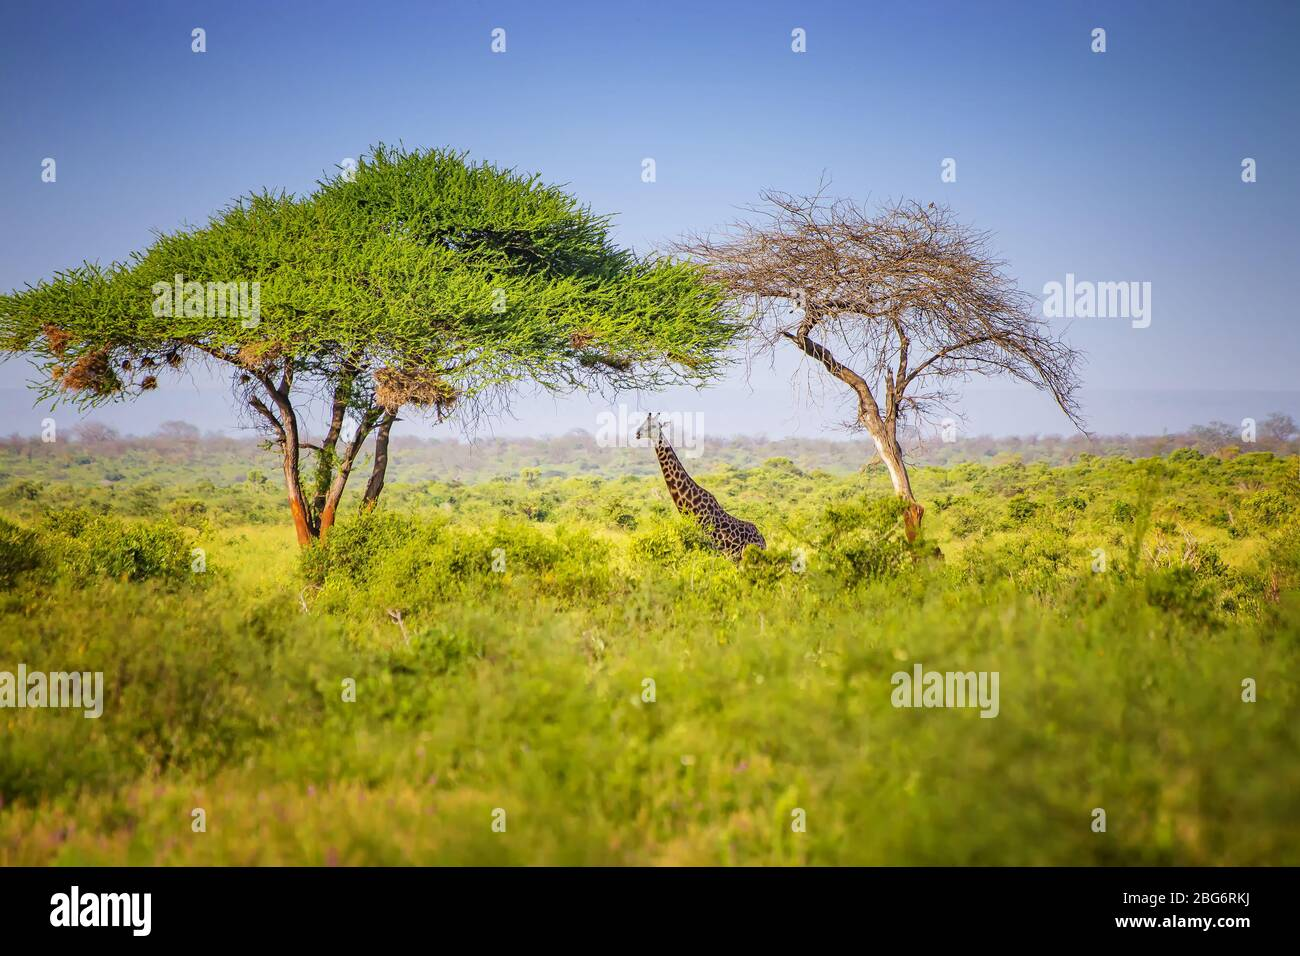 Jirafa de pie en hierba alta en el Parque Nacional Tsavo East, Kenia. Escondiéndose a la sombra bajo los árboles altos. Es una foto de la vida silvestre. Foto de stock